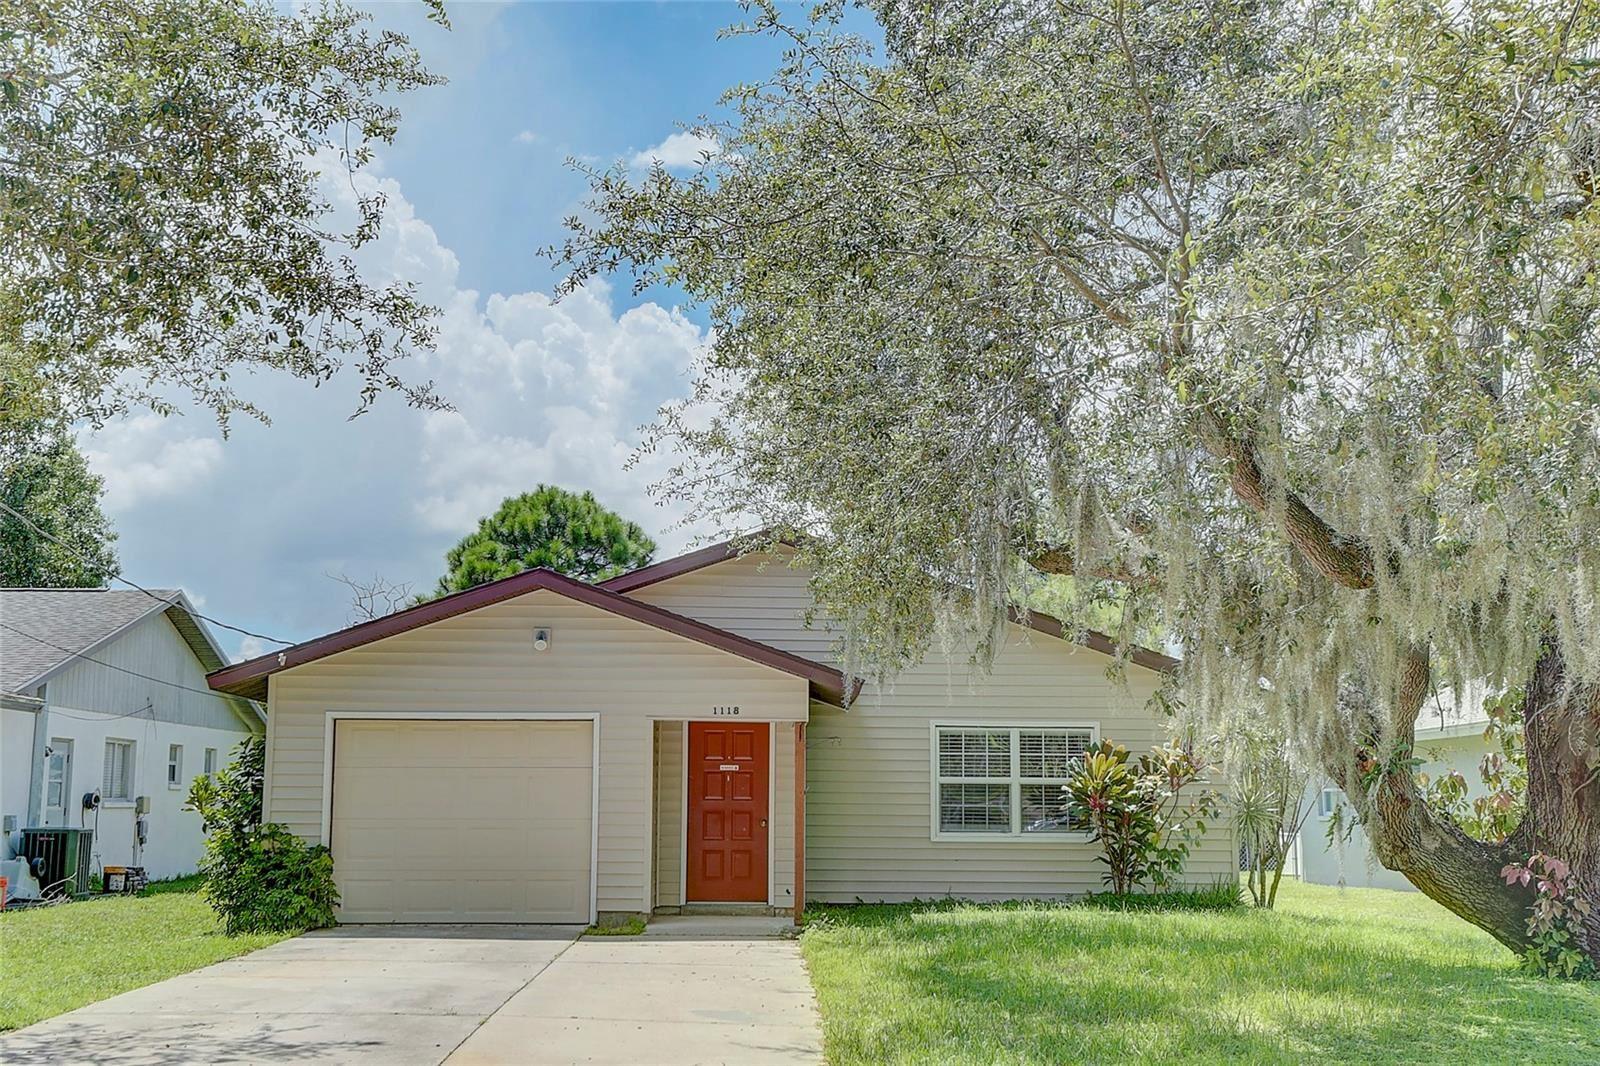 1118 COLEMAN AVENUE, Sarasota, FL 34232 - #: A4509813